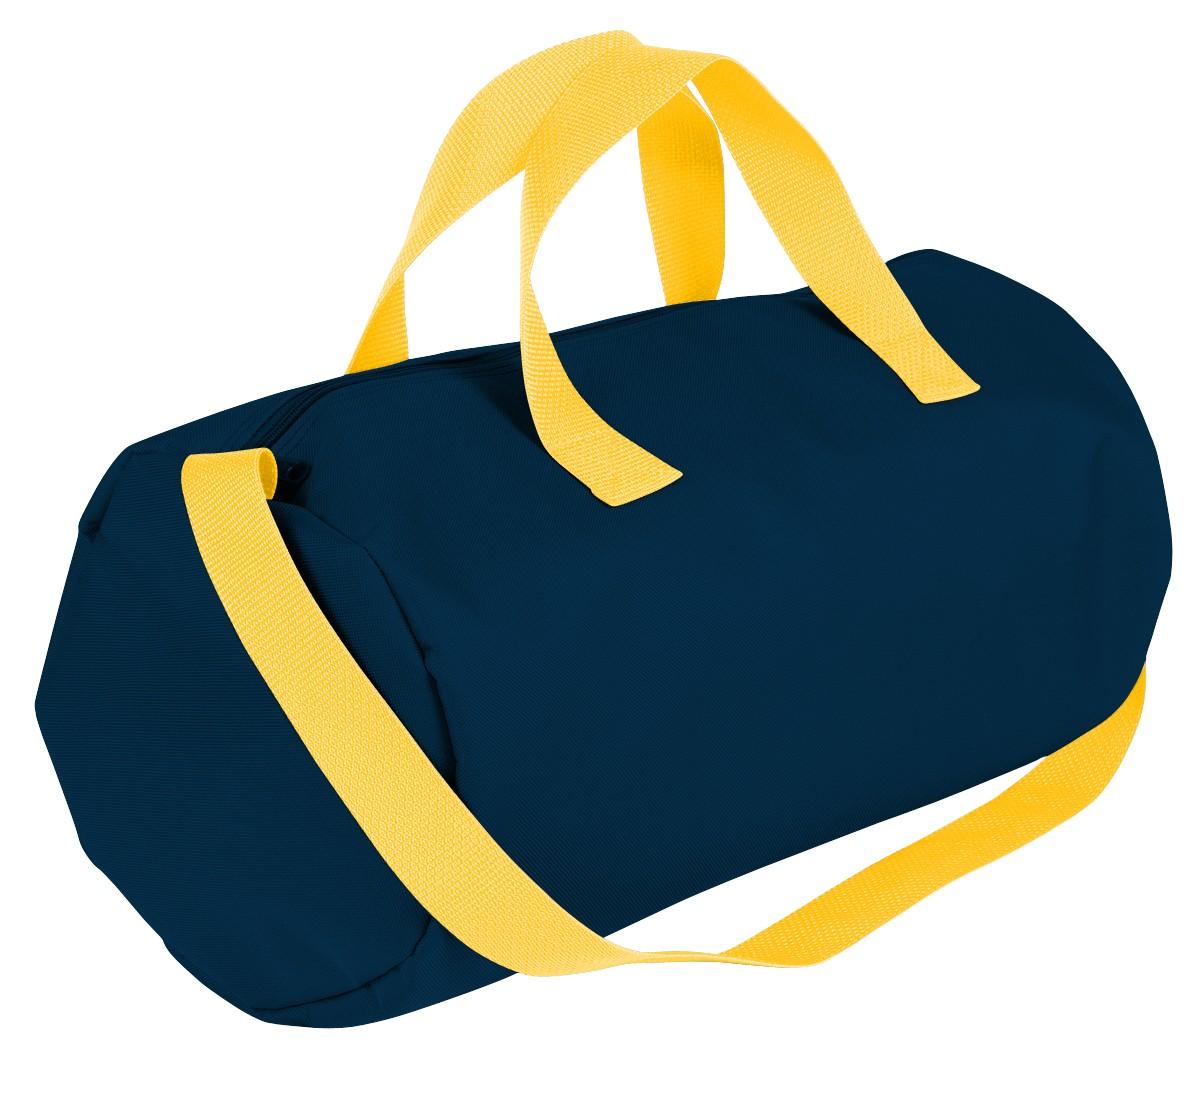 Bag clipart sports bag Sports bag Duffel clipart Bag